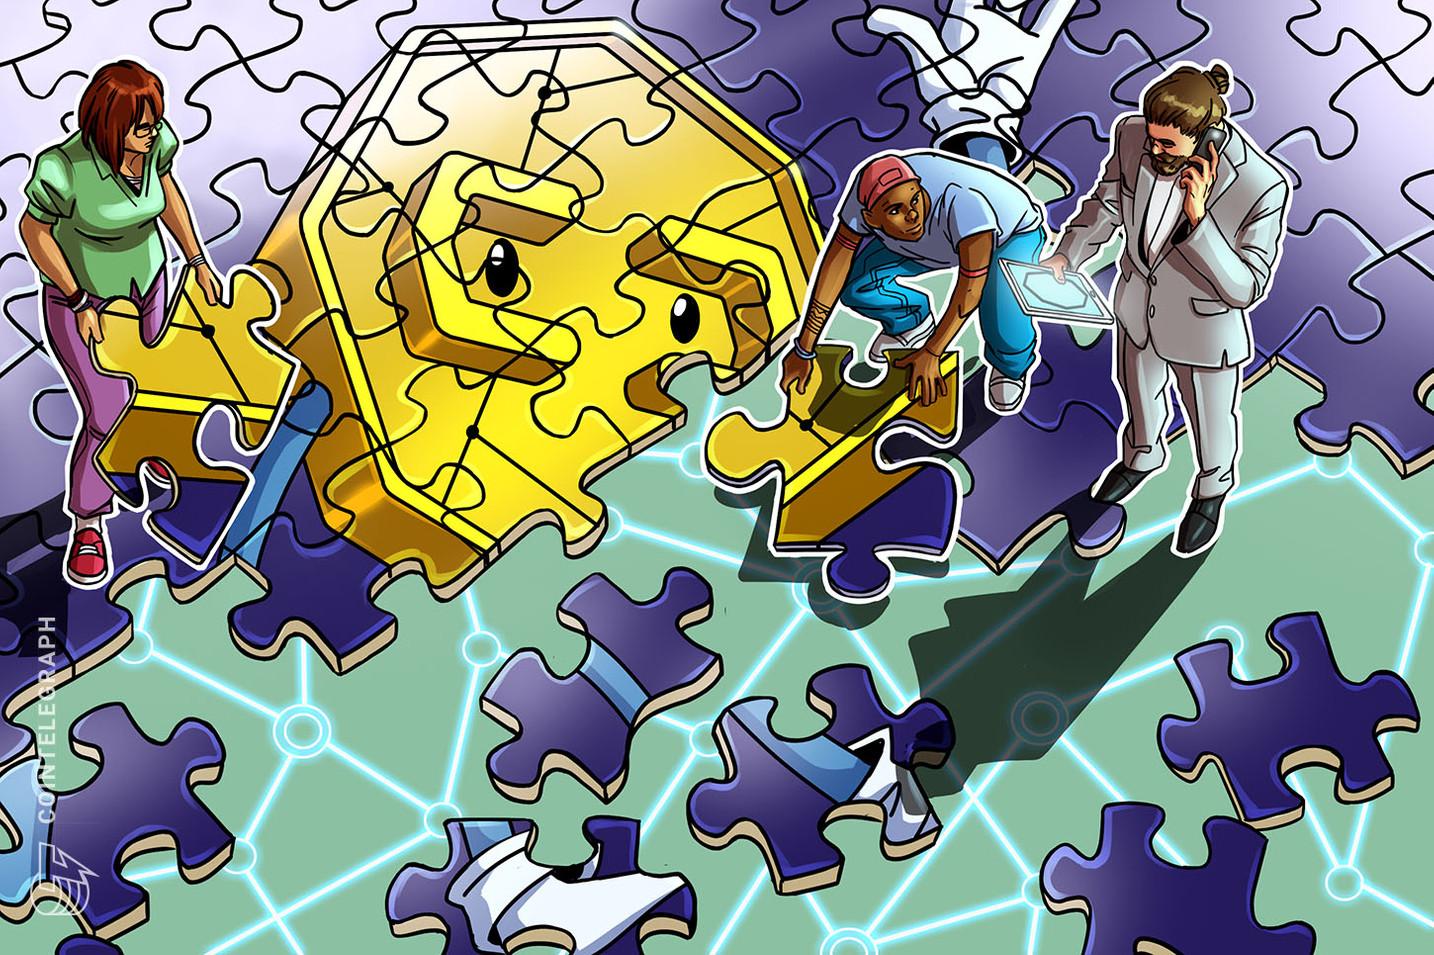 La Cámara de Compensación registrada en la SEC lleva el criptocomercio a 5 millones de clientes